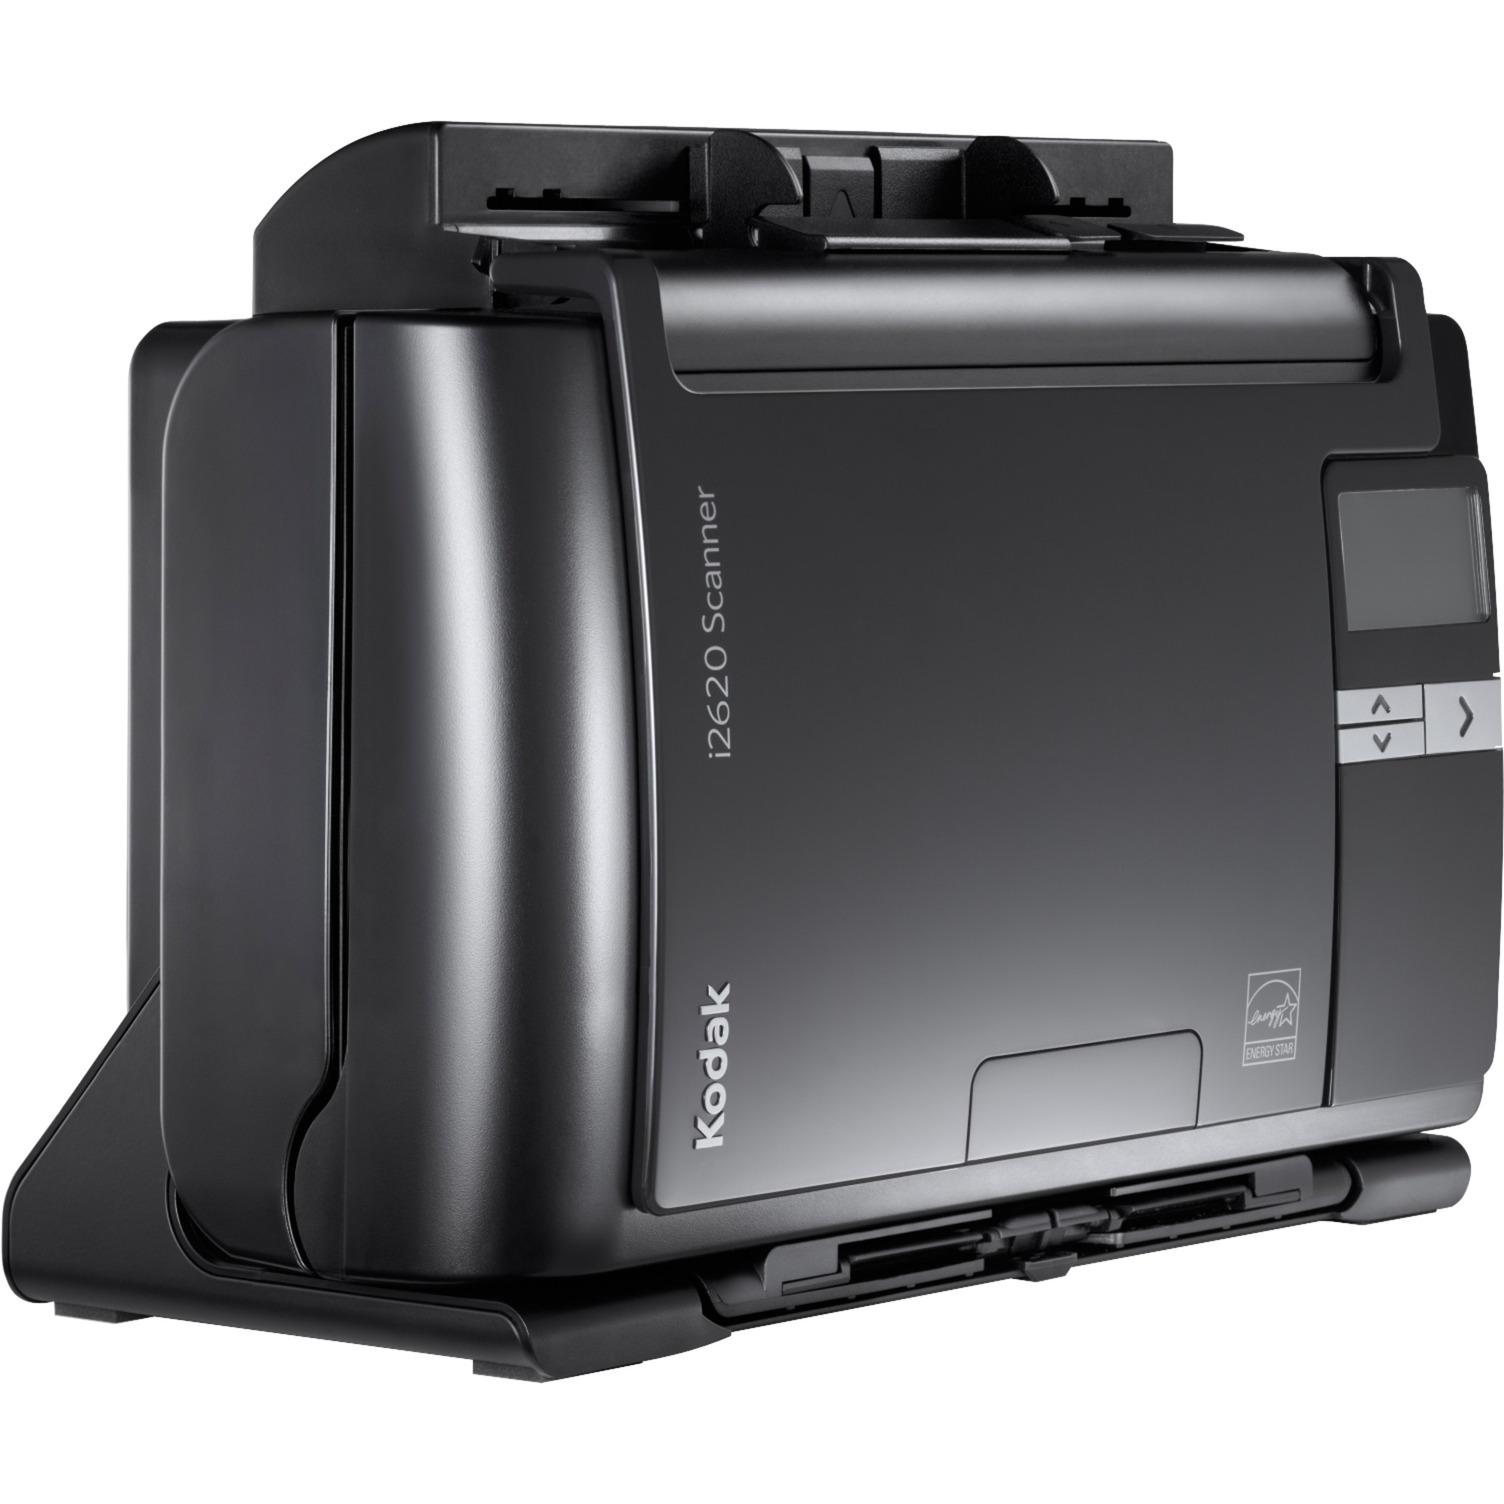 i2620 600 x 600 DPI Escáner con alimentador automático de documentos (ADF) Negro A4, Escáner de alimentación de hojas